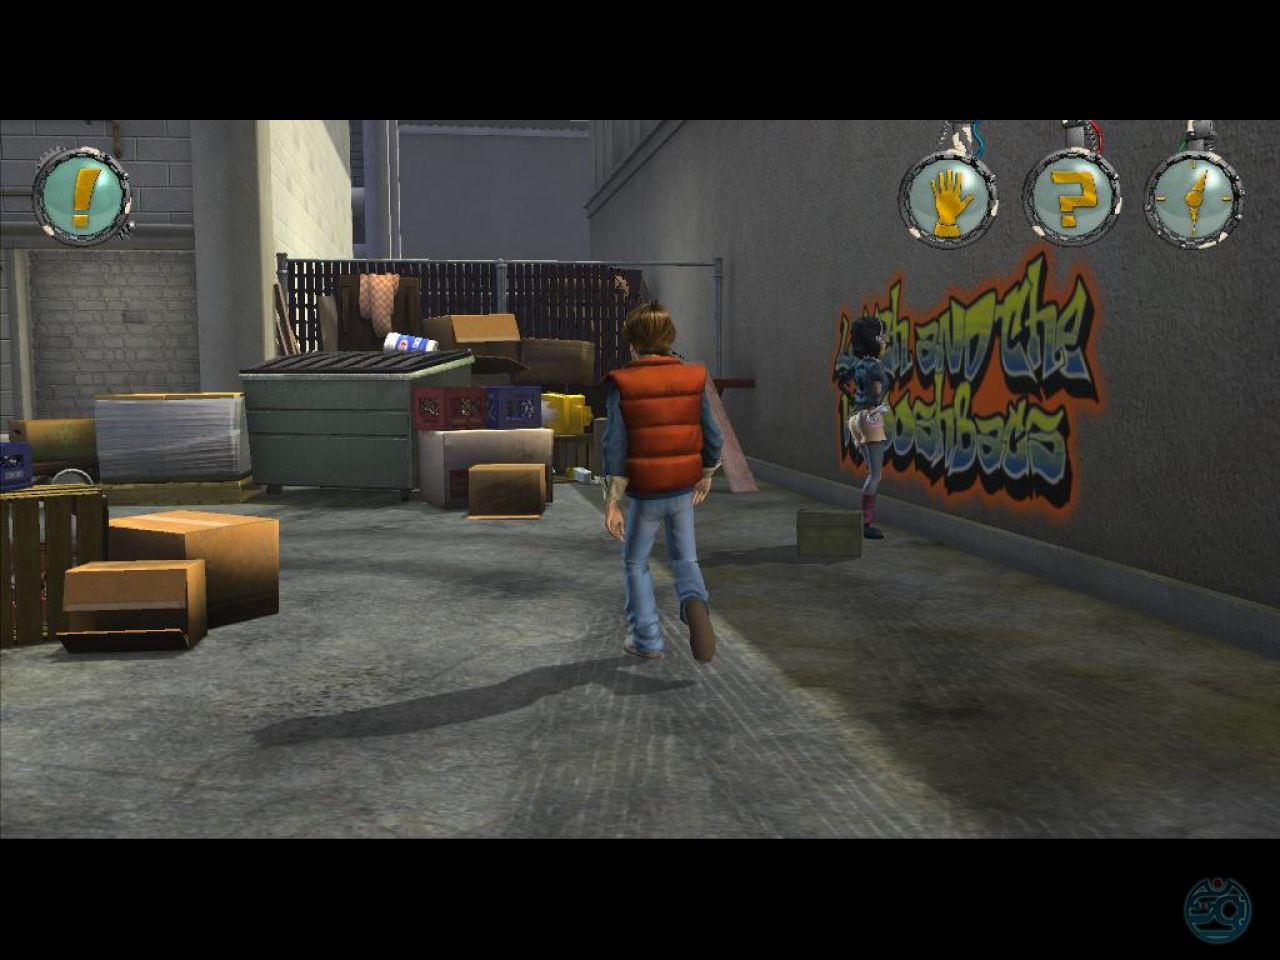 Граффити скачать игру на компьютер